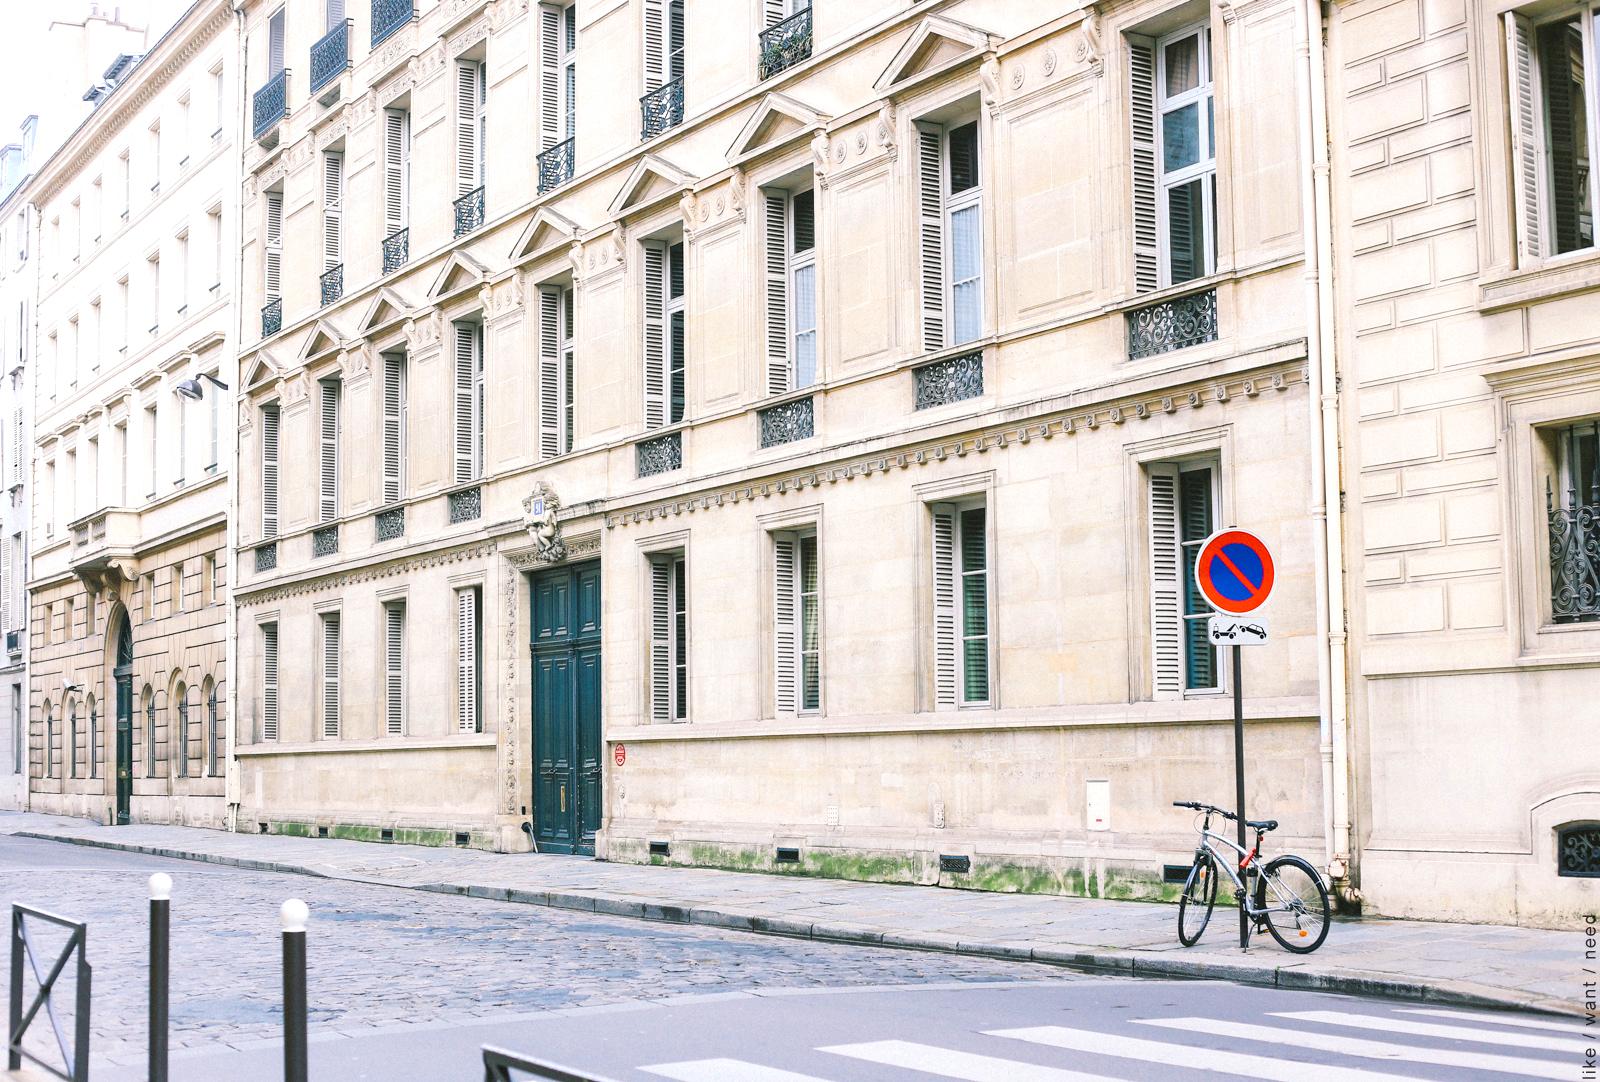 Rue de la Universite